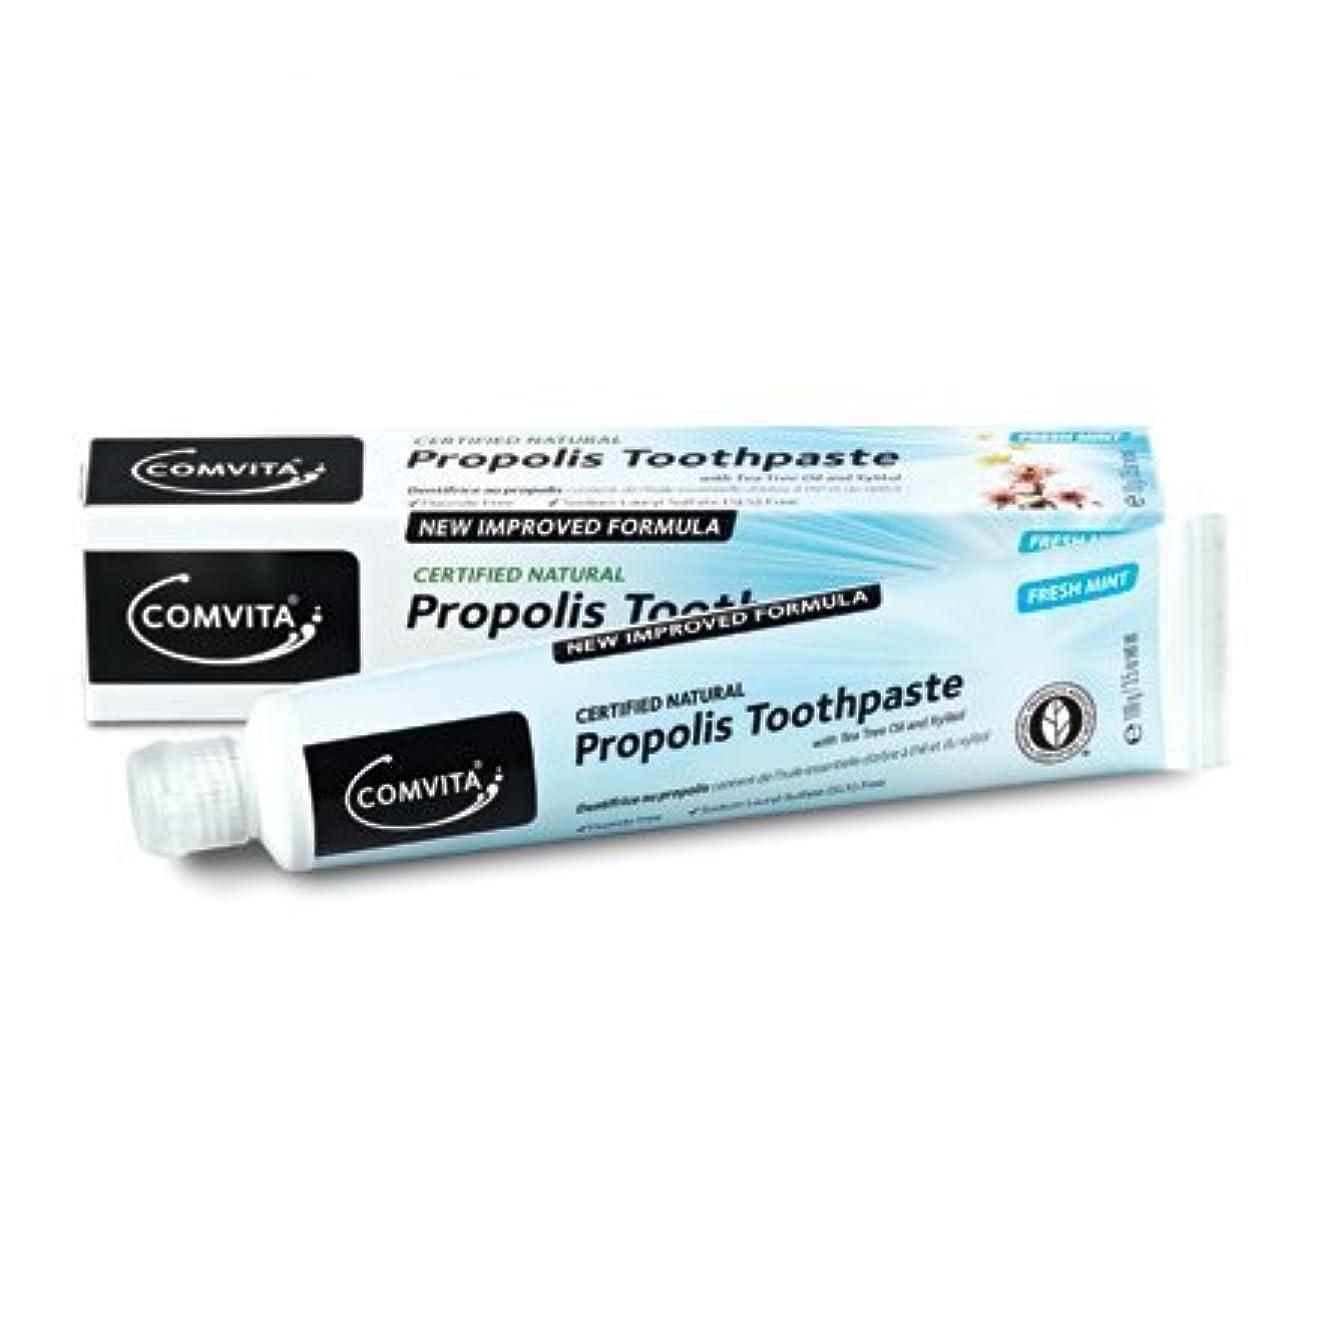 ペースト飢ジョージエリオット100% ナチュラル プロポリス 歯磨き粉 PROPOLIS TOOTHPASTE 100g [並行輸入品]